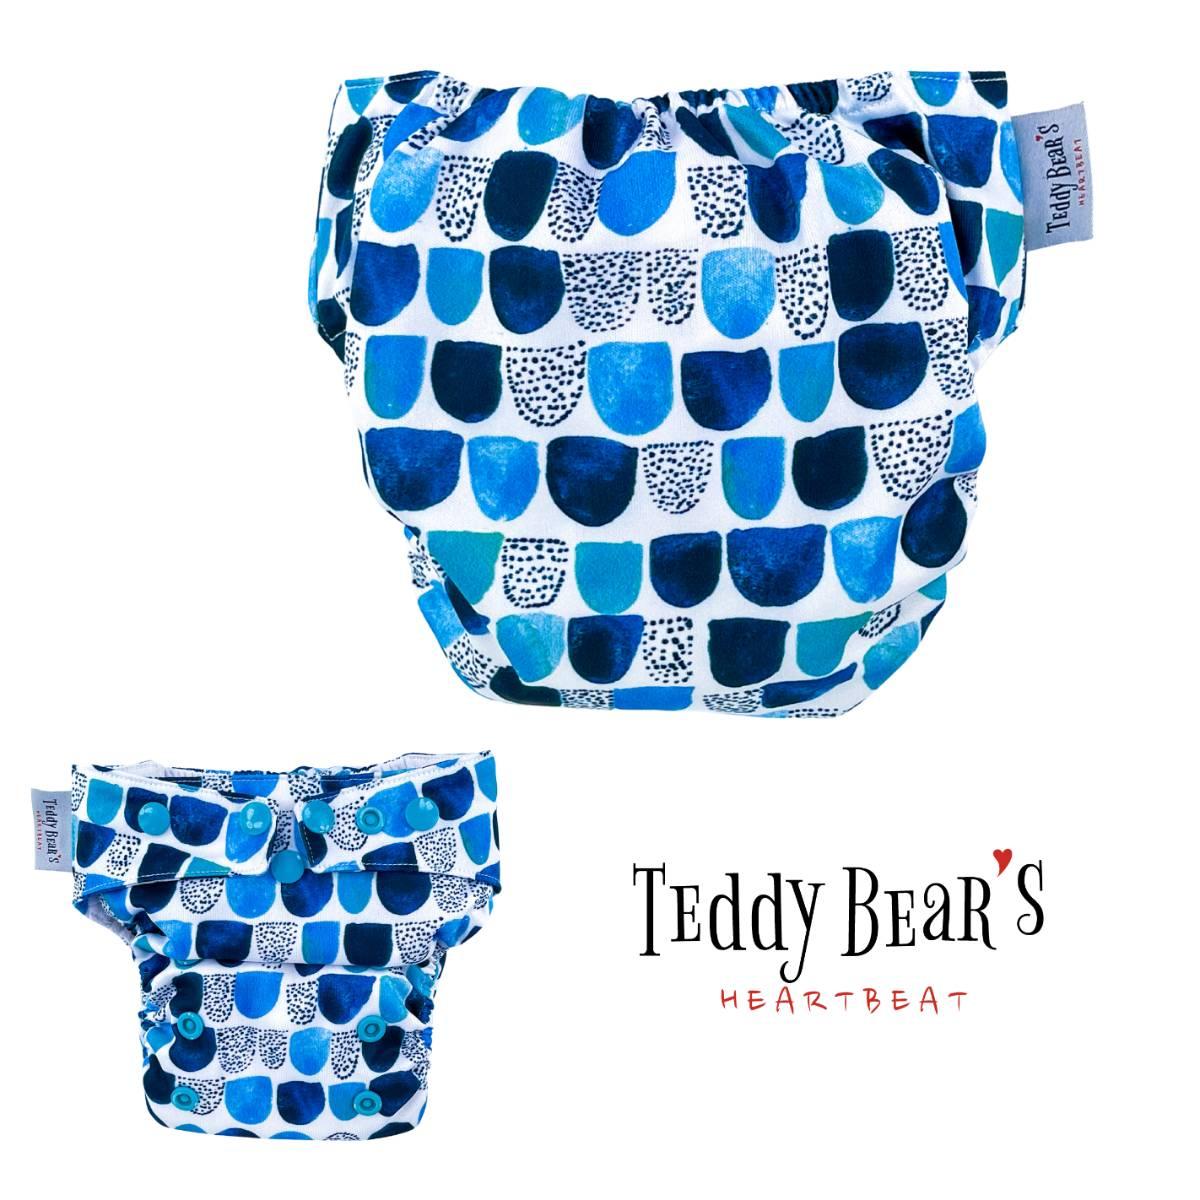 ocean-eyes-ergonomisk-toybleie-innlegg-booster-teddy-bears-heartbeat